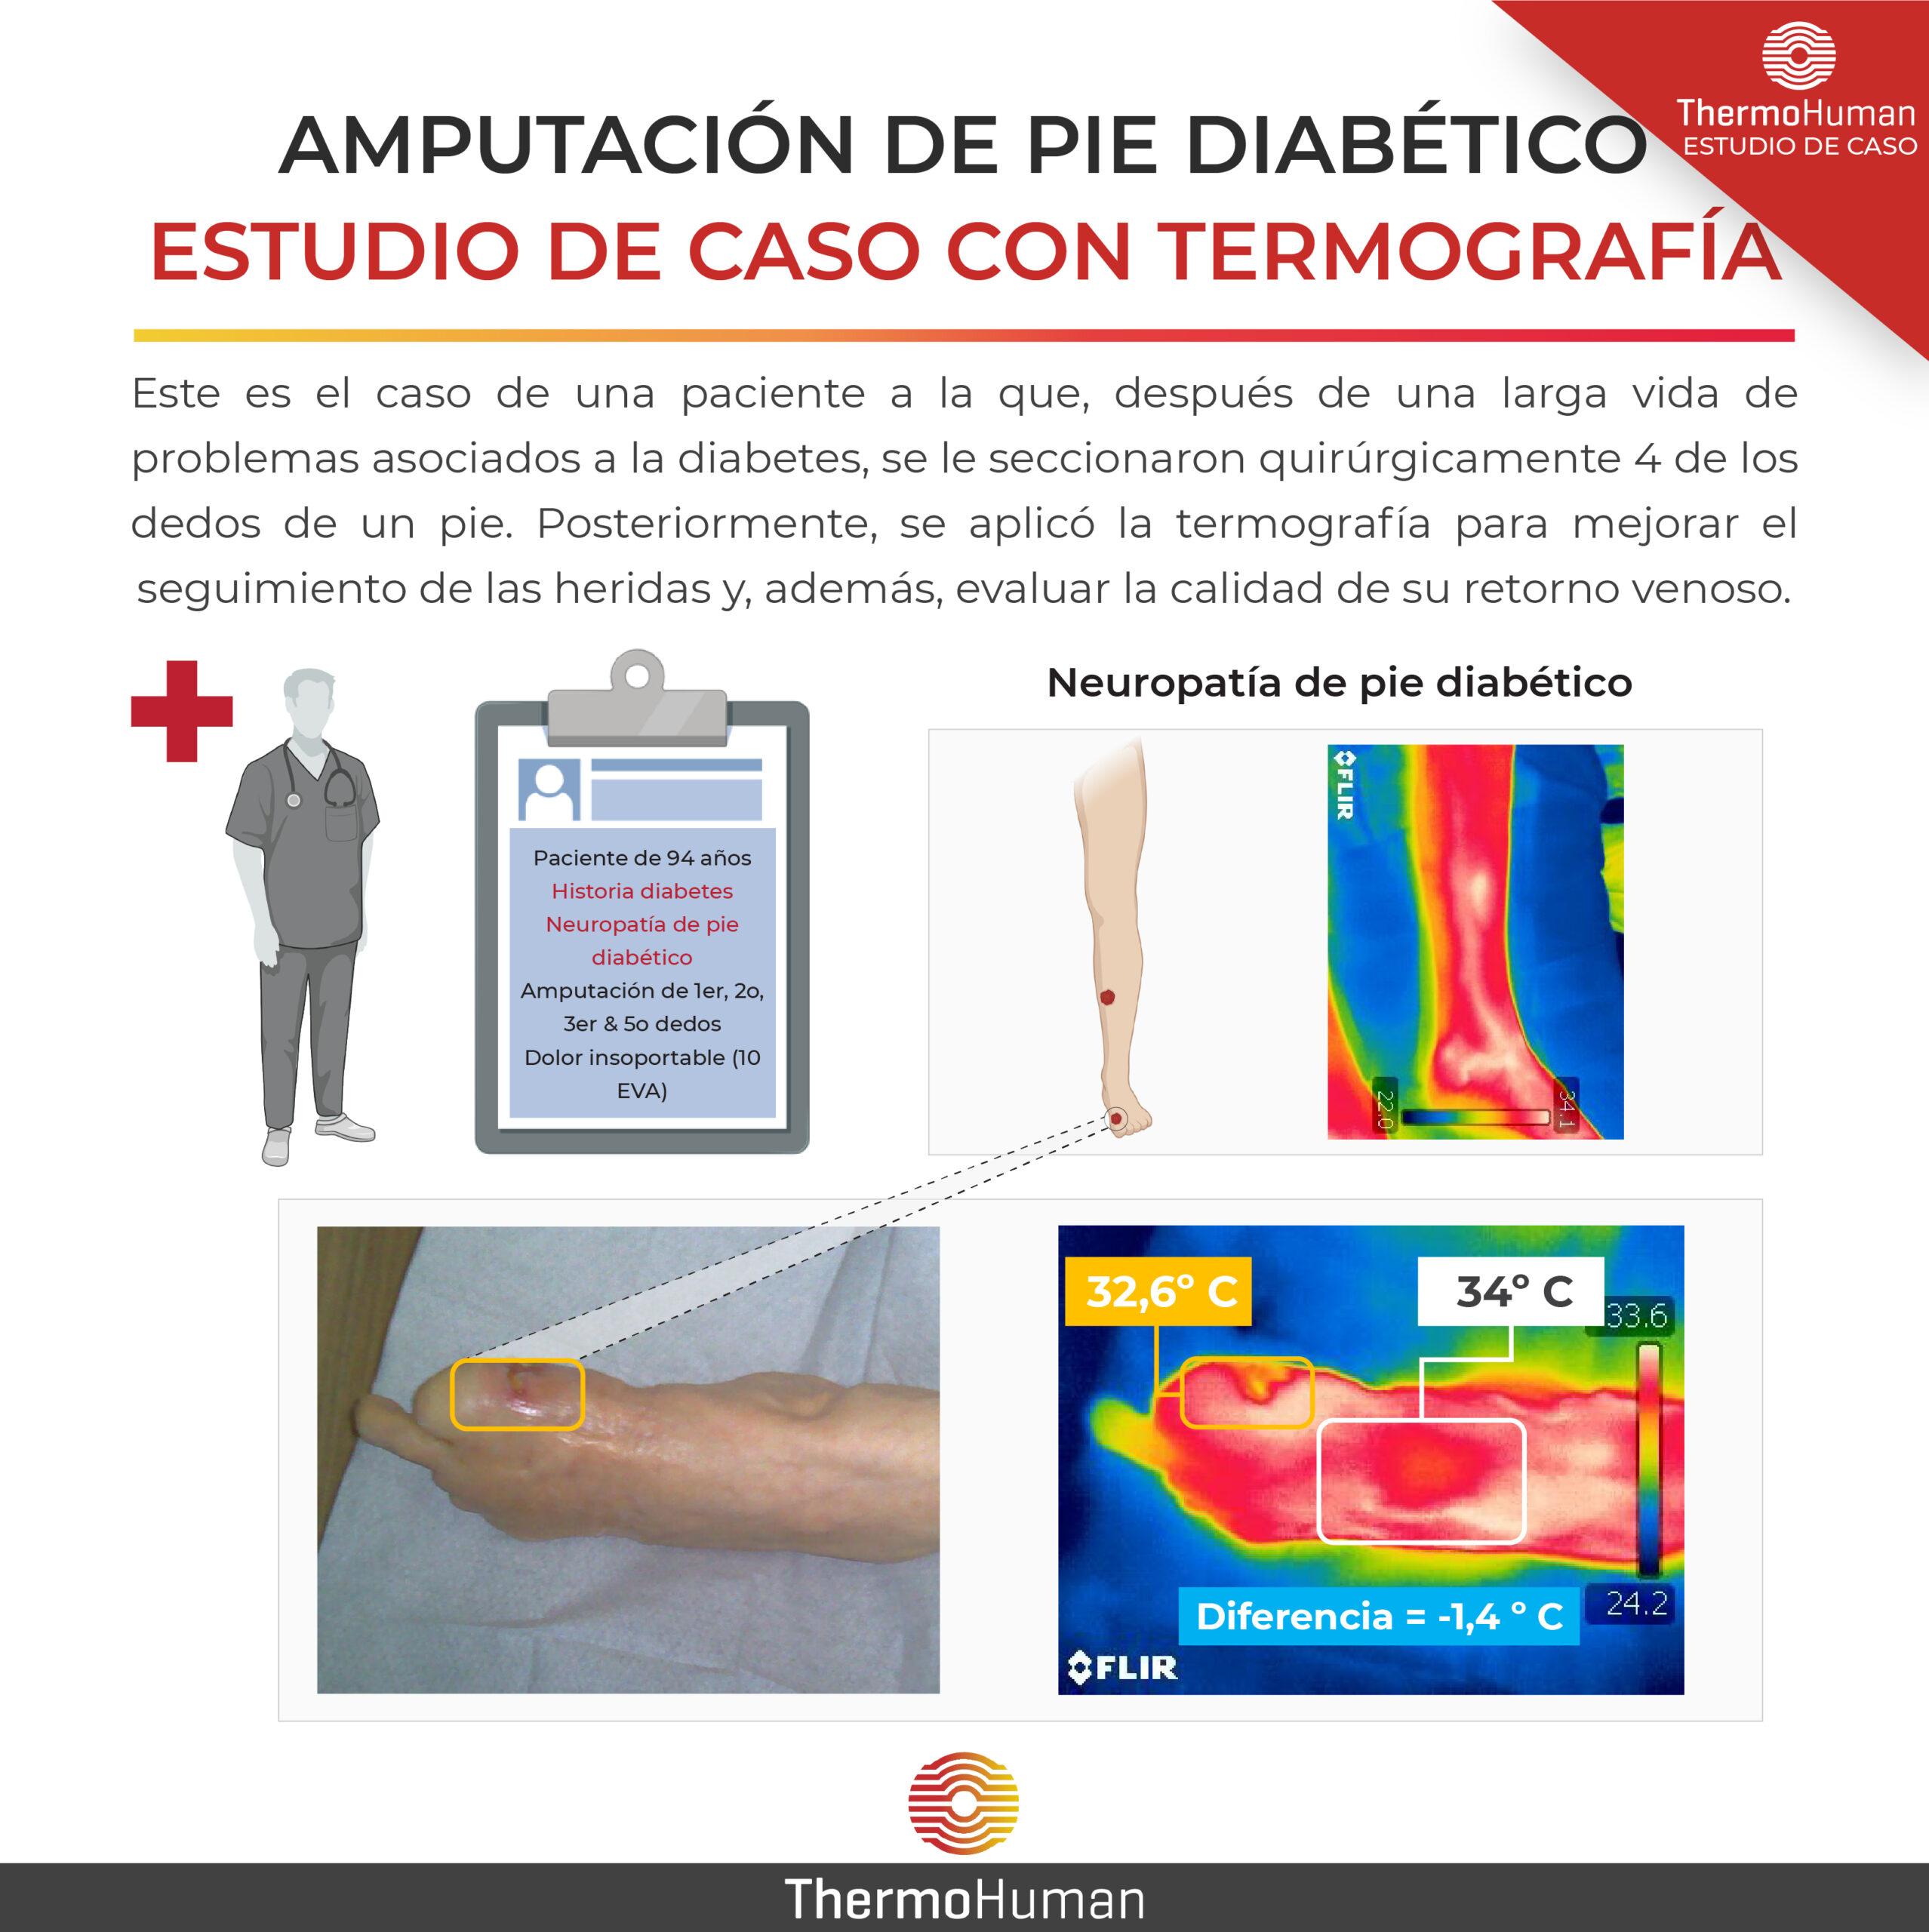 Termografía y amputación de pie diabético: estudio de caso